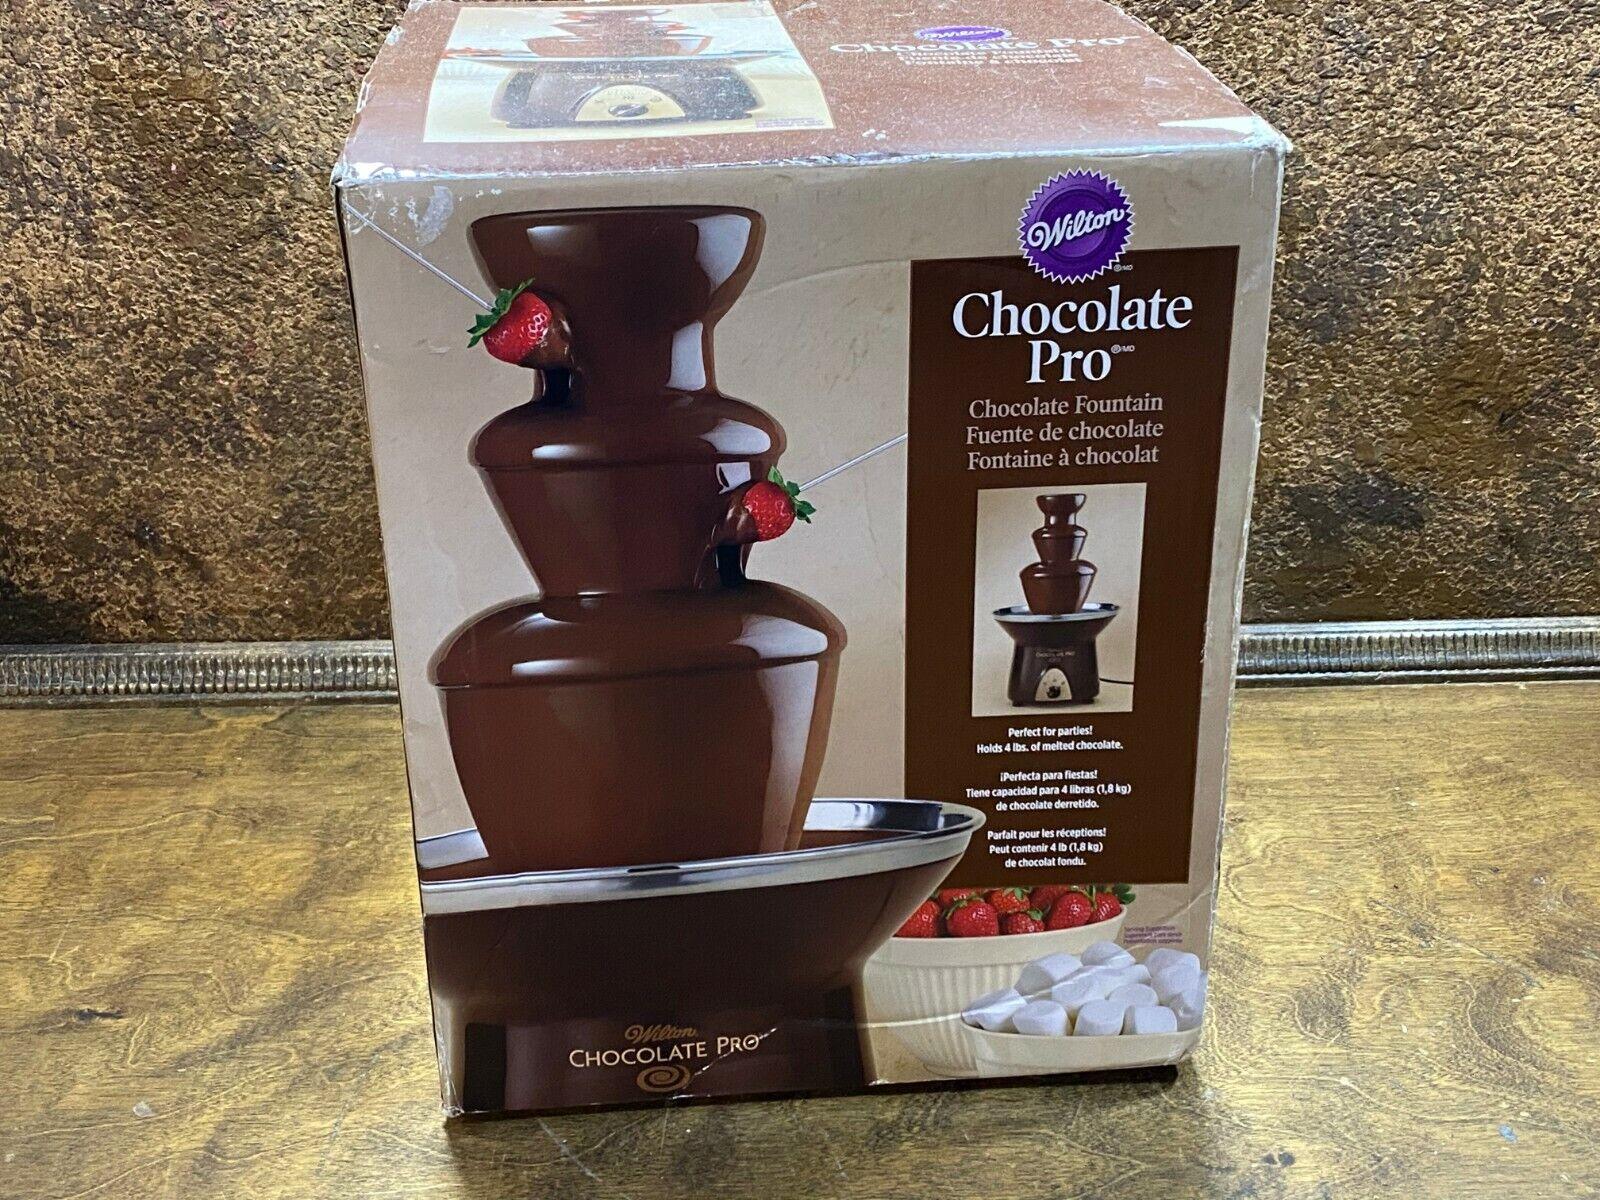 Wilton Chocolate Pro 3-Tier Chocolate Fountain 2104-9008